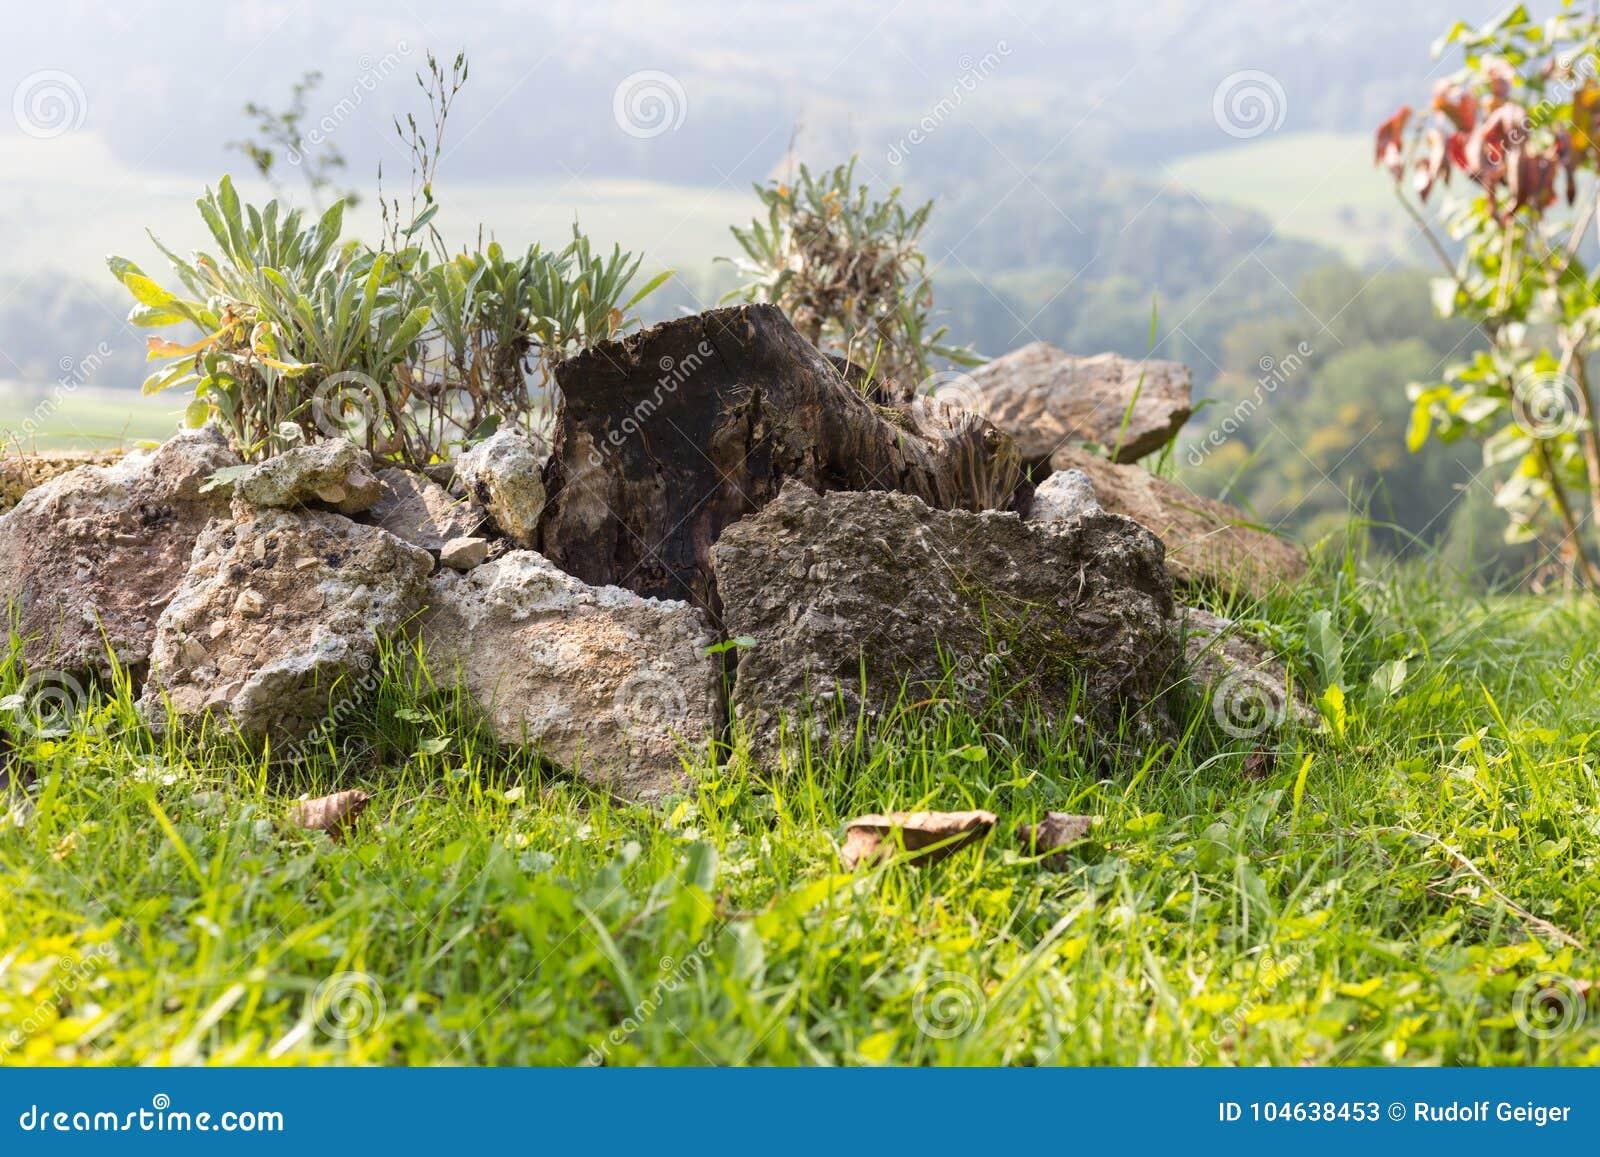 Download Tuin Van Het Zuiden De Duitse Plattelandshuisje Stock Afbeelding - Afbeelding bestaande uit landbouw, droog: 104638453